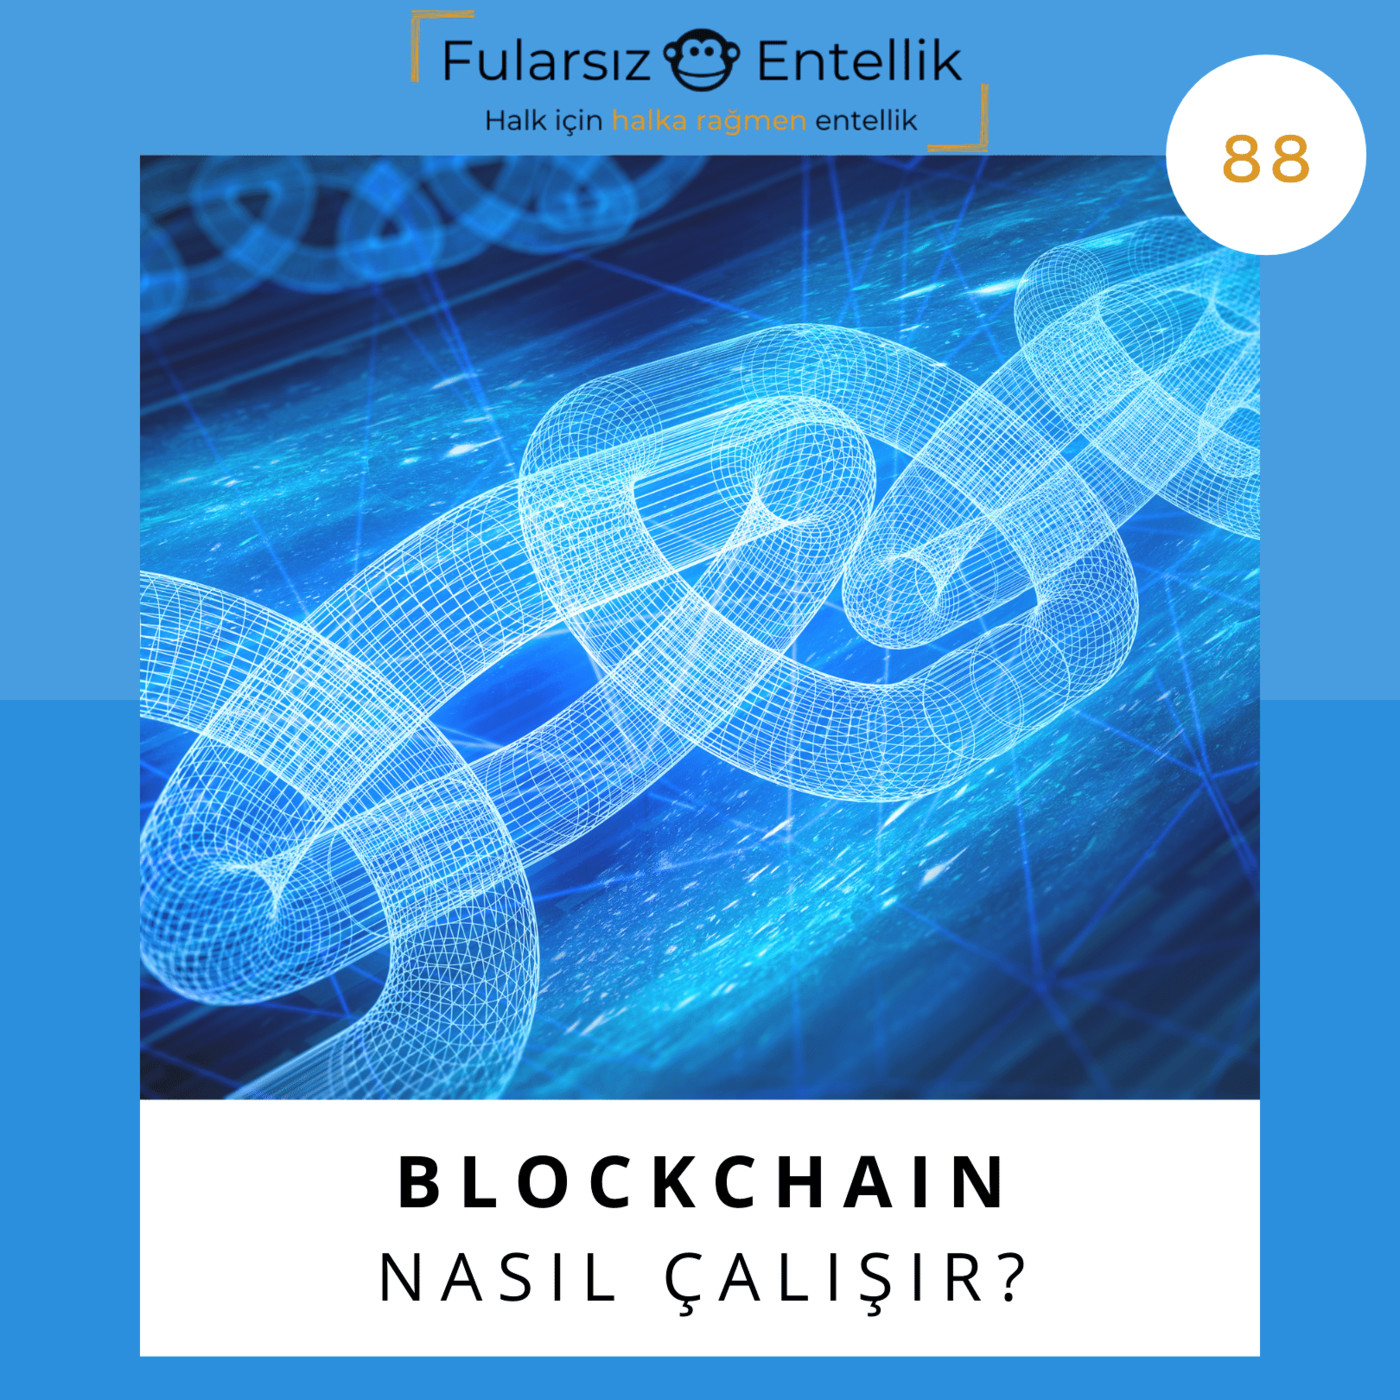 Blockchain Nasıl Çalışır 1: Fularsız Ve Ayrıntılı Bir Açıklama